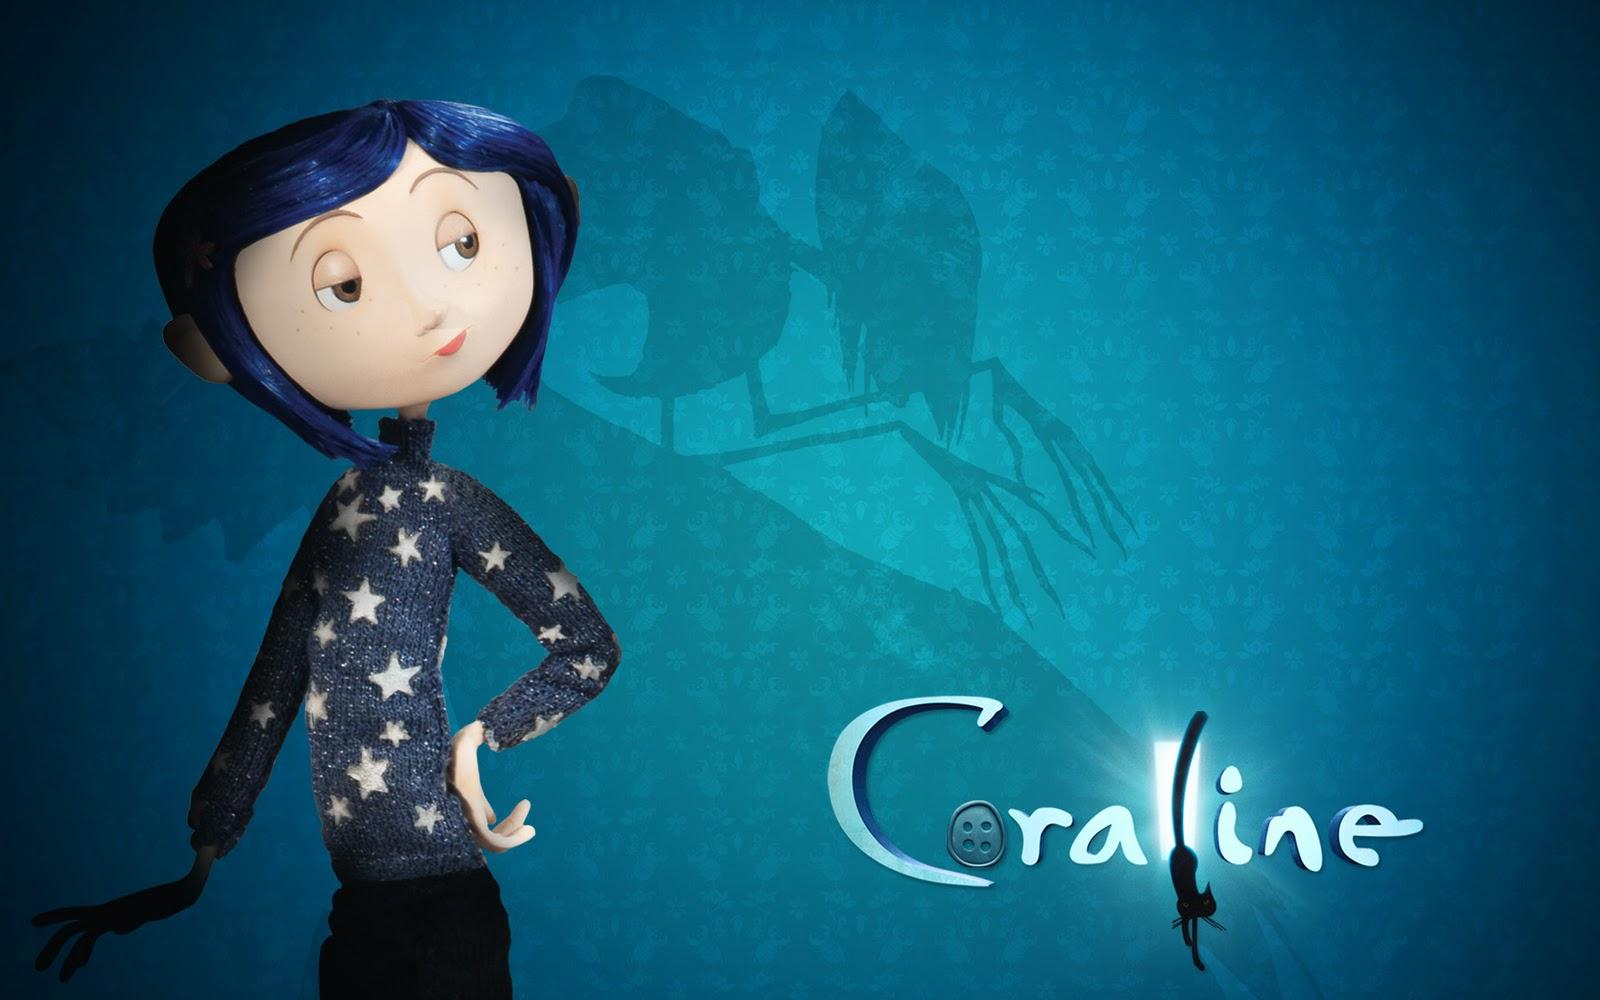 http://4.bp.blogspot.com/_2n9G8hS3AbI/TUt_A2afRVI/AAAAAAAACFo/6kg5Y6TQweQ/s1600/Coraline%20New%20Wallpaper%20HQ.jpg